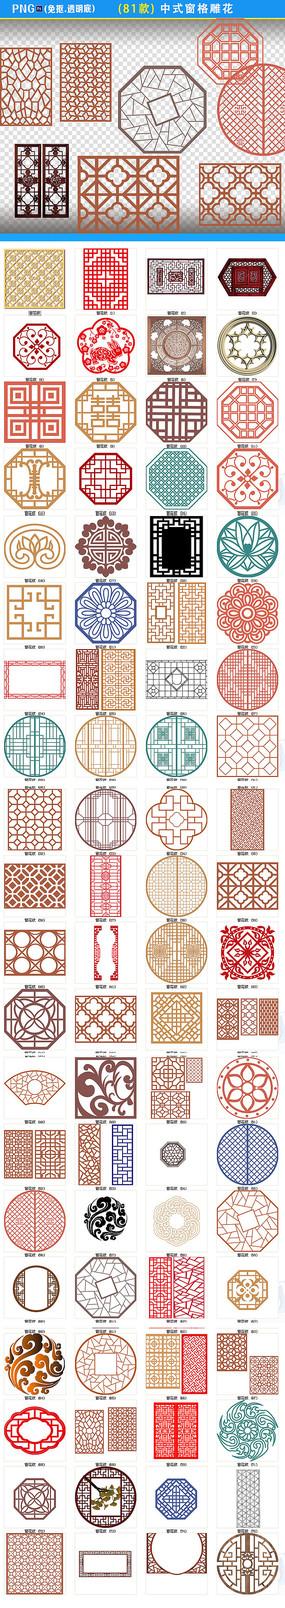 中式窗花图案